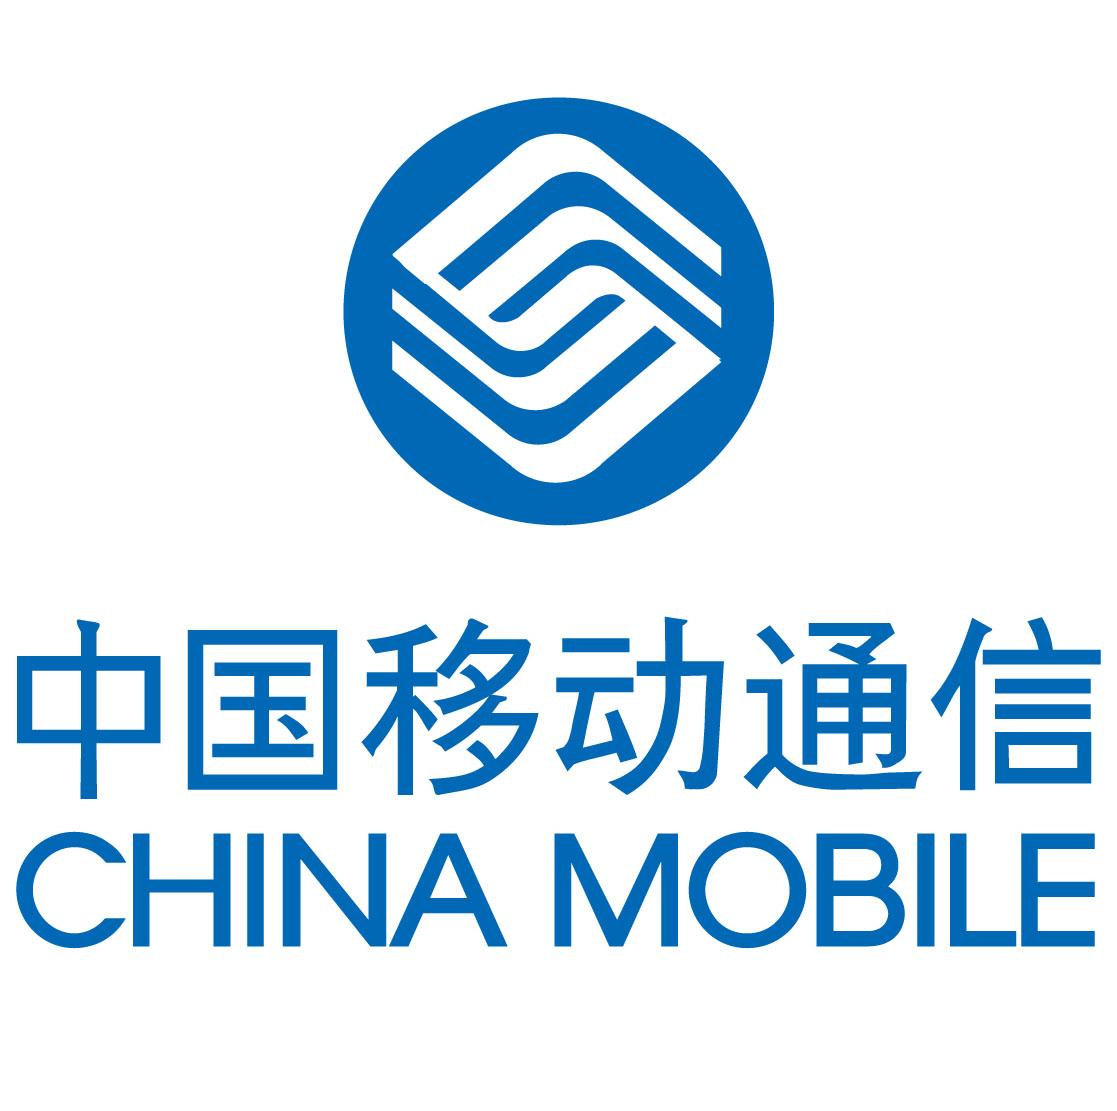 Vector logos high resolution logos logo designs china for Mobile logo